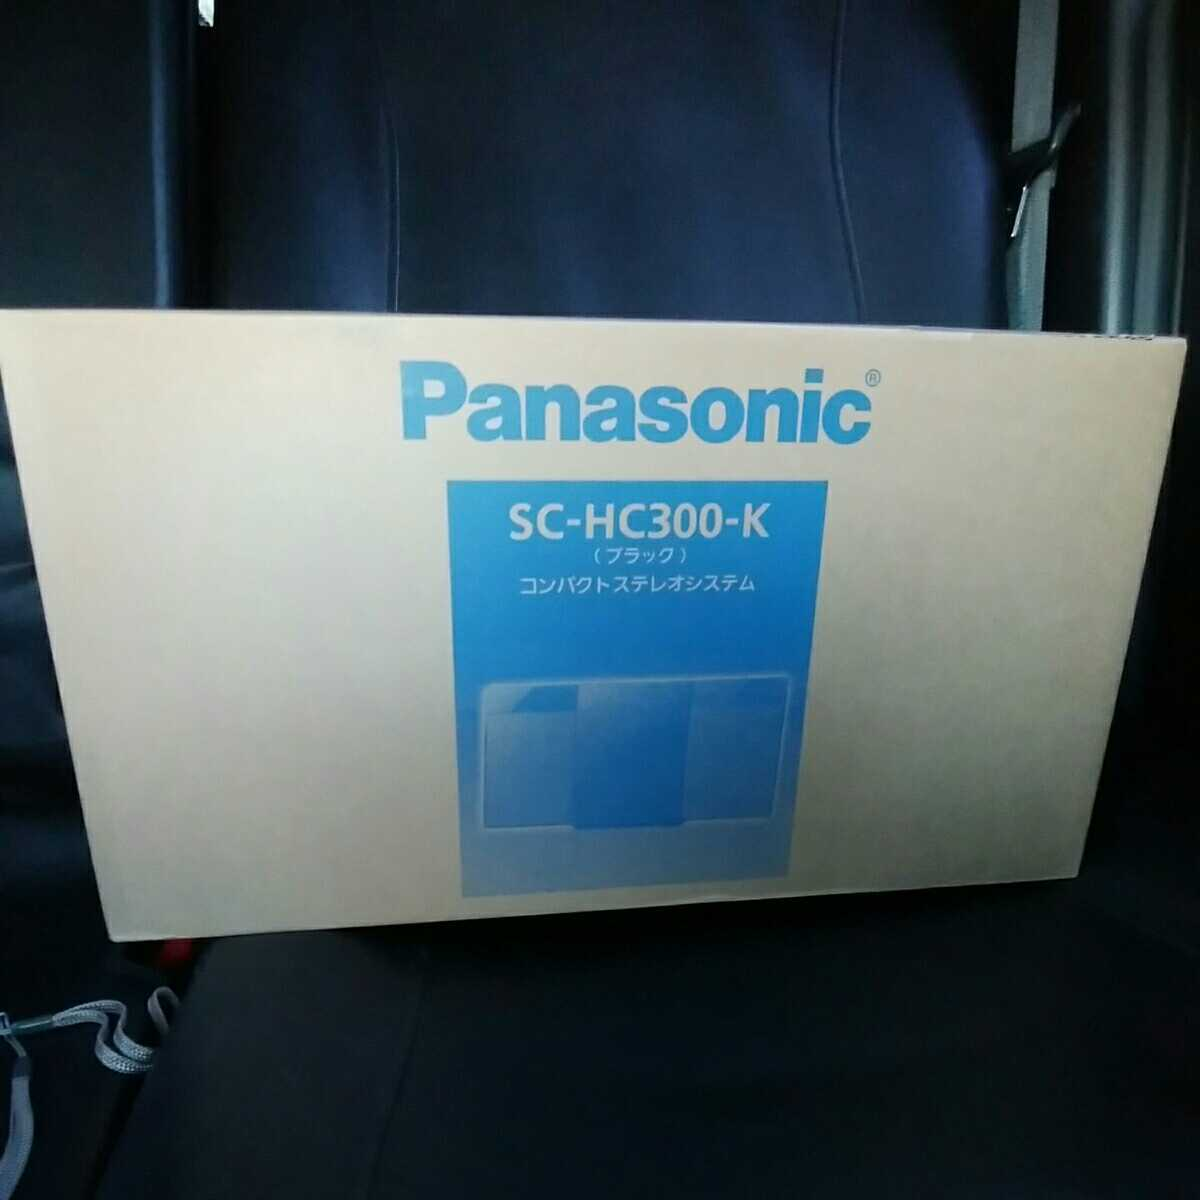 パナソニック Panasonic コンパクトステレオシステム SC-HC300_画像1